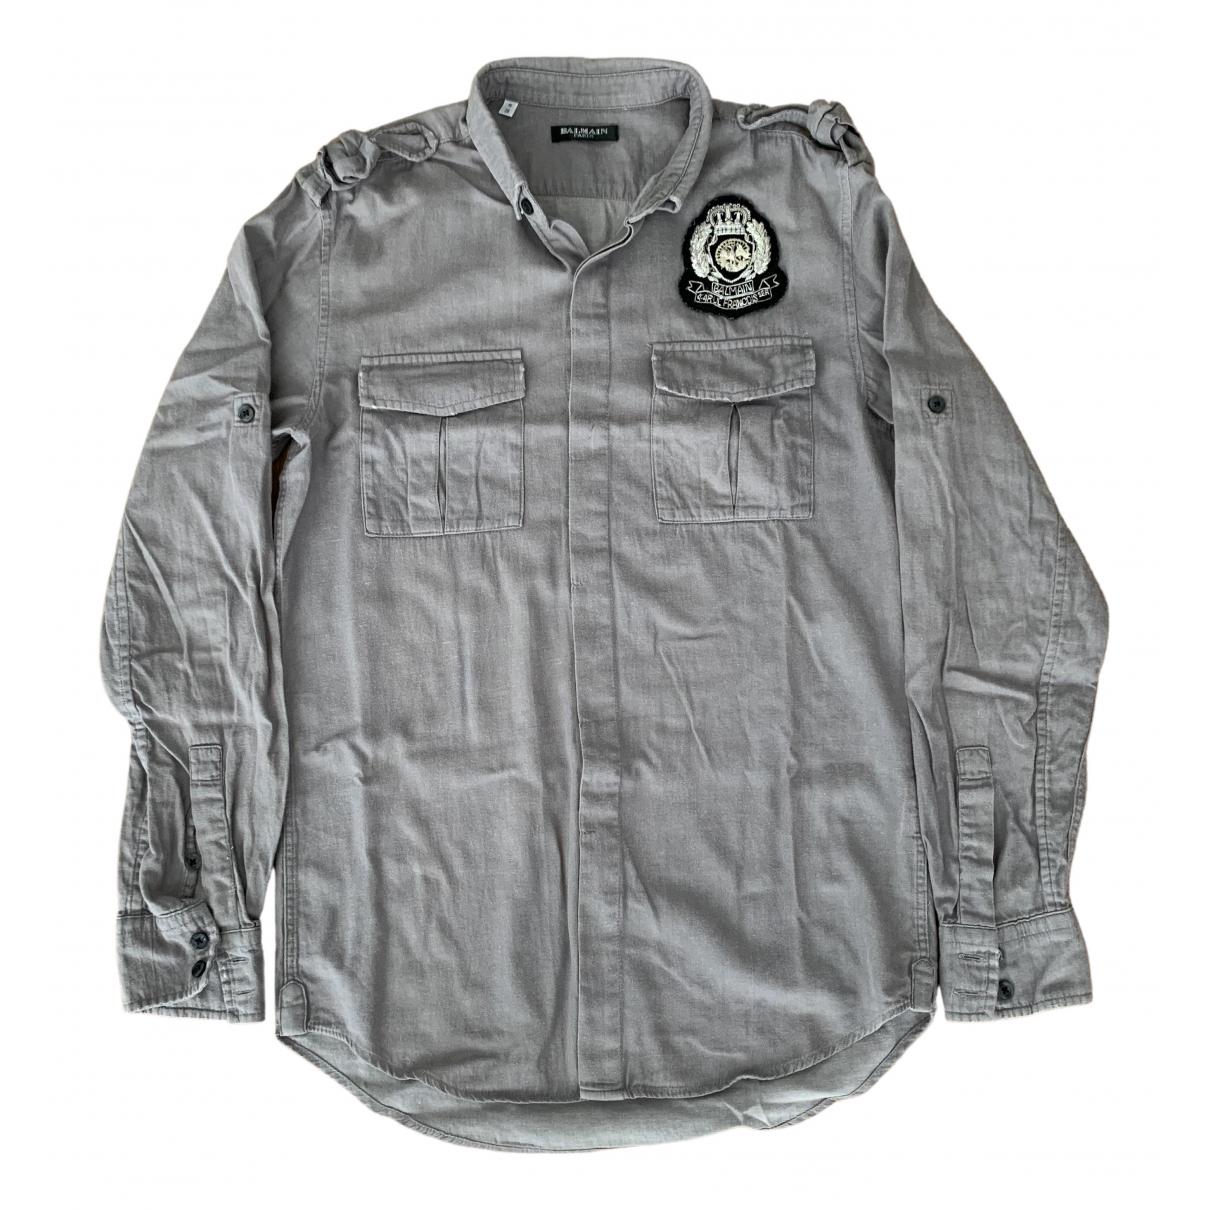 Balmain \N Grey Cotton Shirts for Men 38 EU (tour de cou / collar)